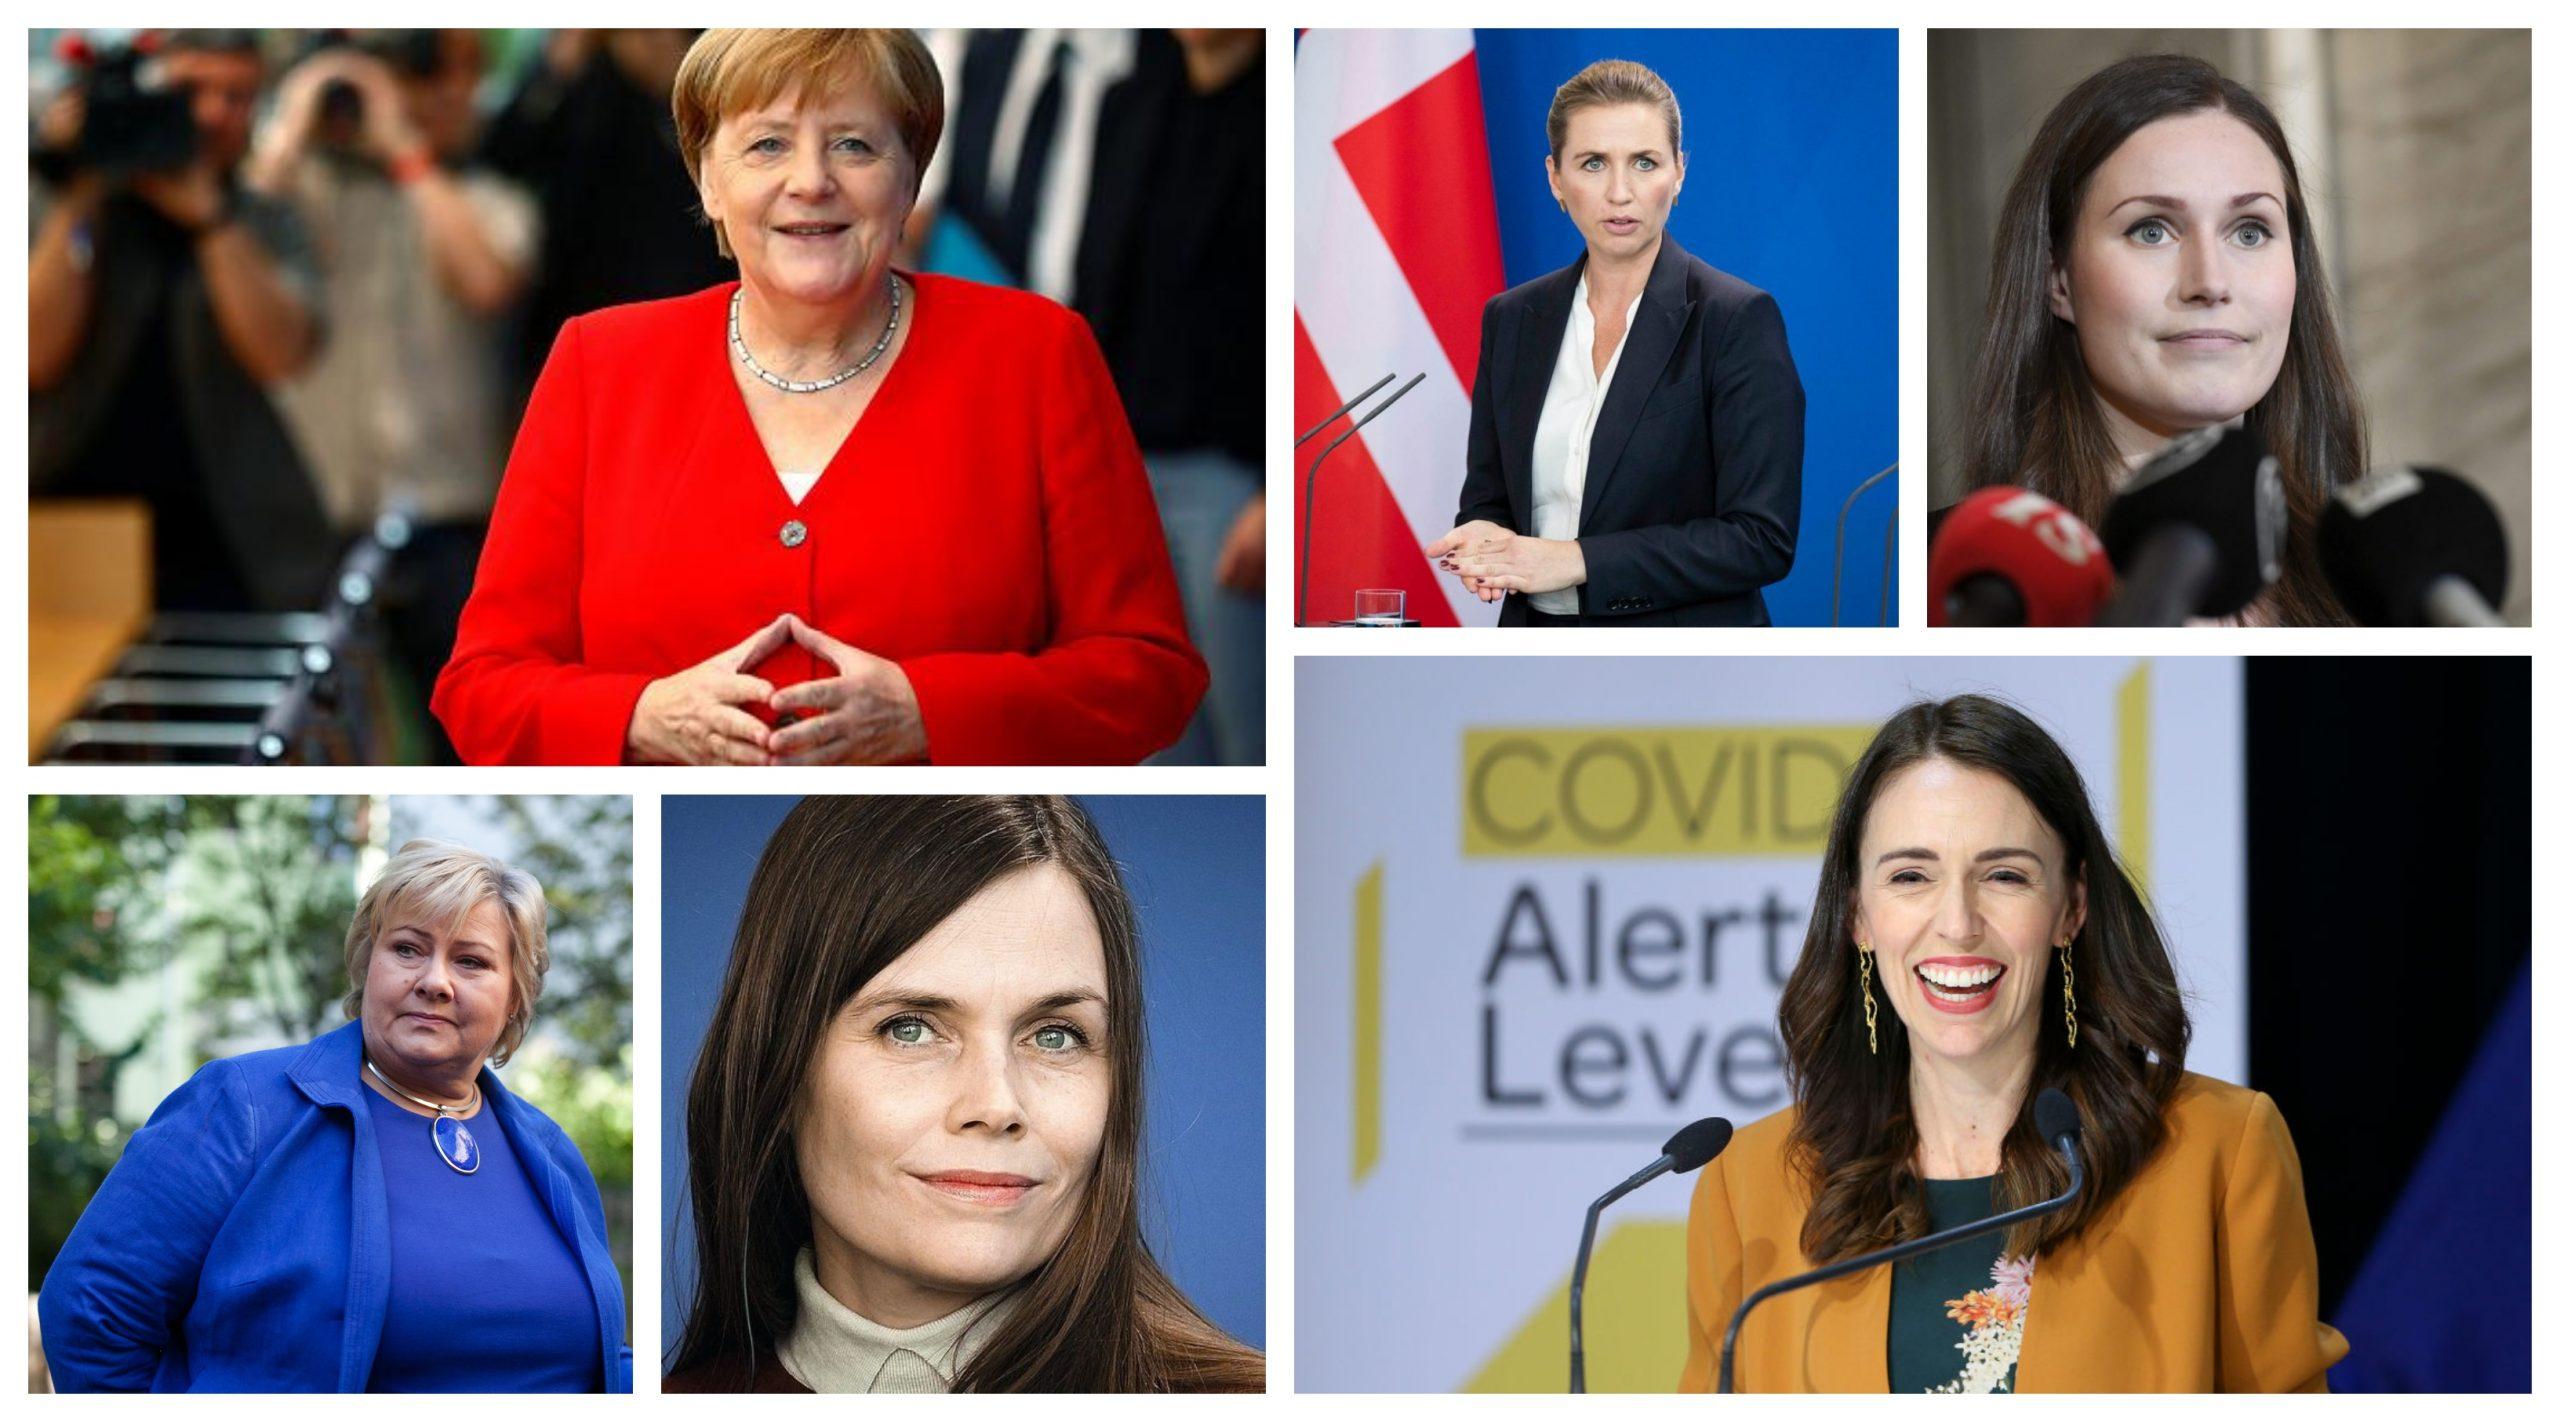 वे सात महिला नेता जिनकी कुशल रणनीति ने कोरोना को दी मात